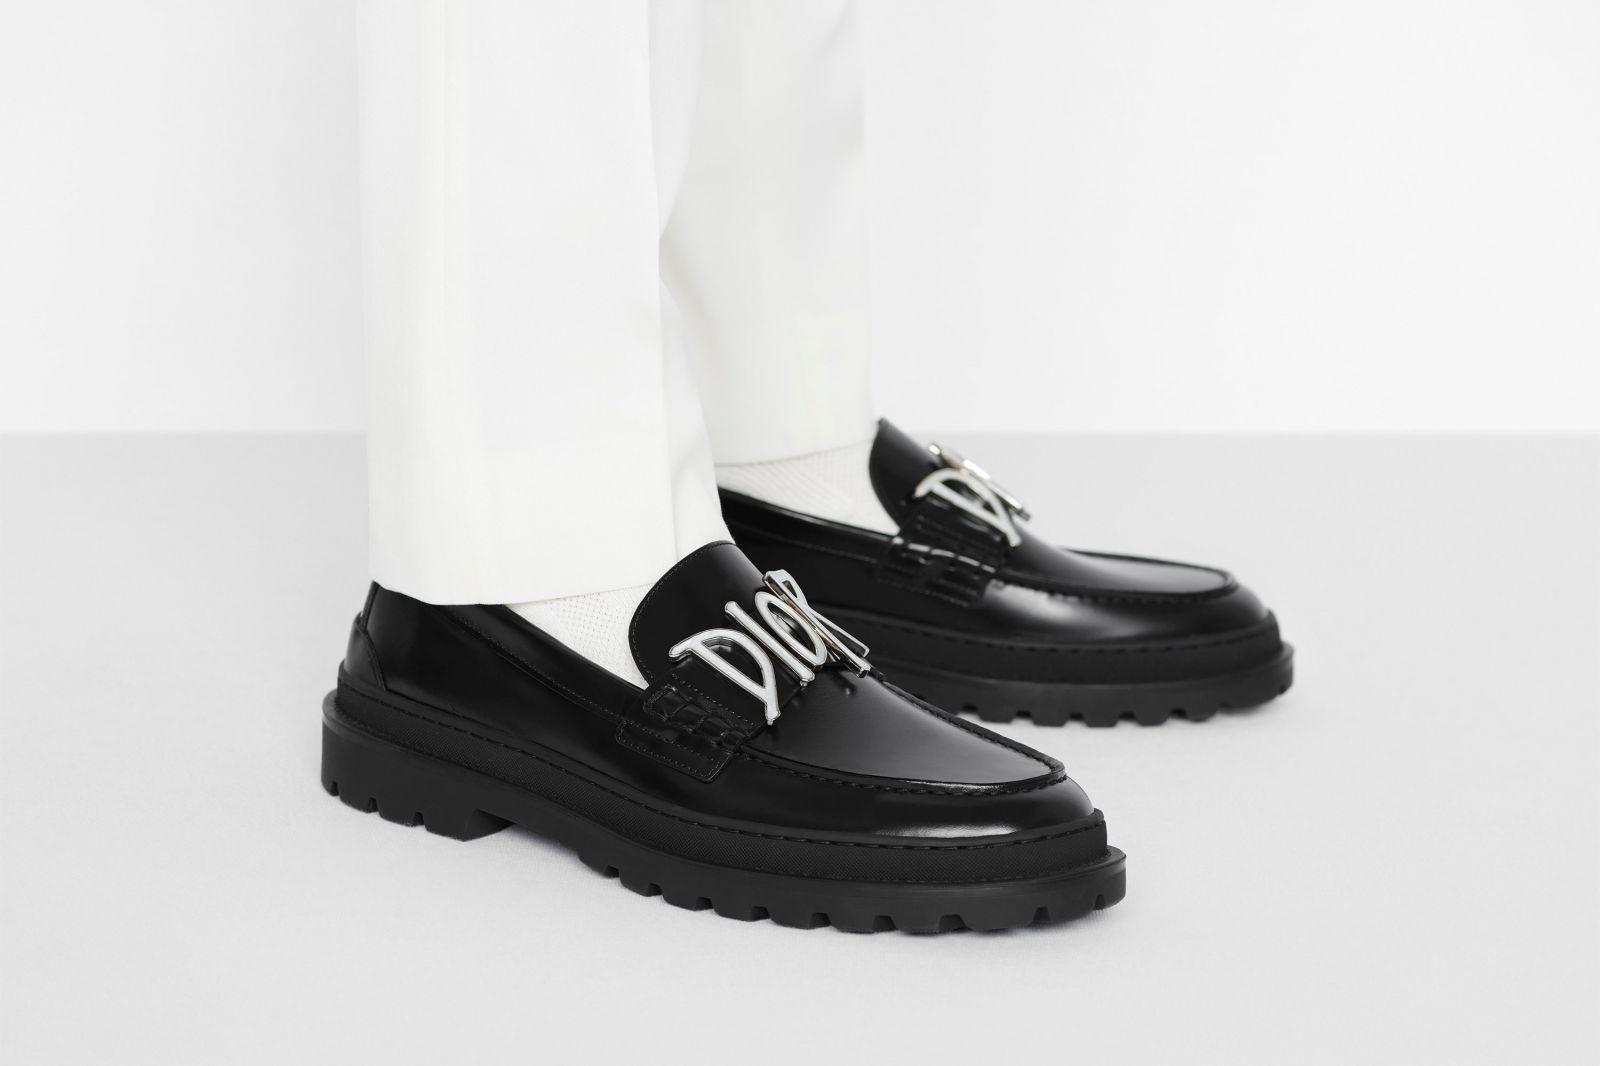 Hovorí ti niečo typ topánok s názvom penny loafers? Aktuálne ide o najväčší trend pre tohtoročnú jeseň